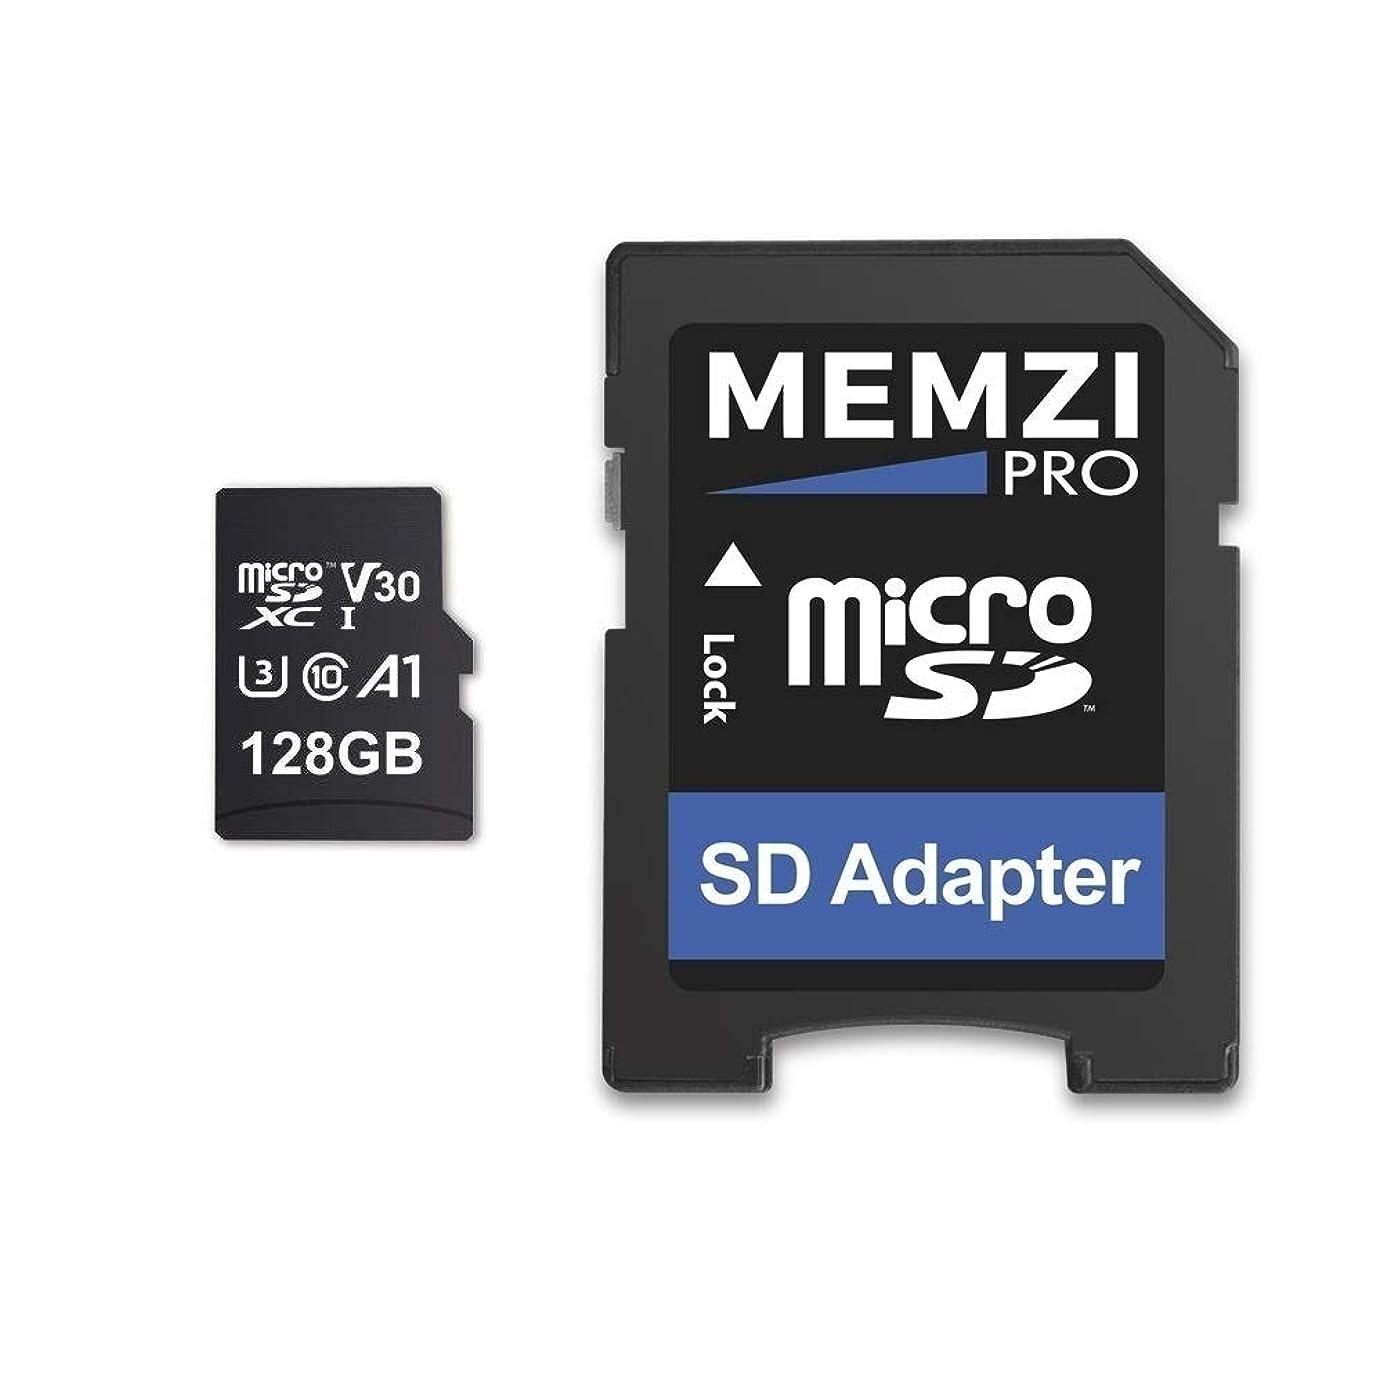 ハンサム来てしばしばMEMZI PRO 128GB Micro SDXC メモリーカード LG X Power 2、V30/V30S ThinQ、K11、Phoenix Plus 携帯電話用 - 高速クラス10 100MB/s 読み取り 90MB/s 書き込み V30 A1 UHS-I U3 4K 記録 SDアダプター付き